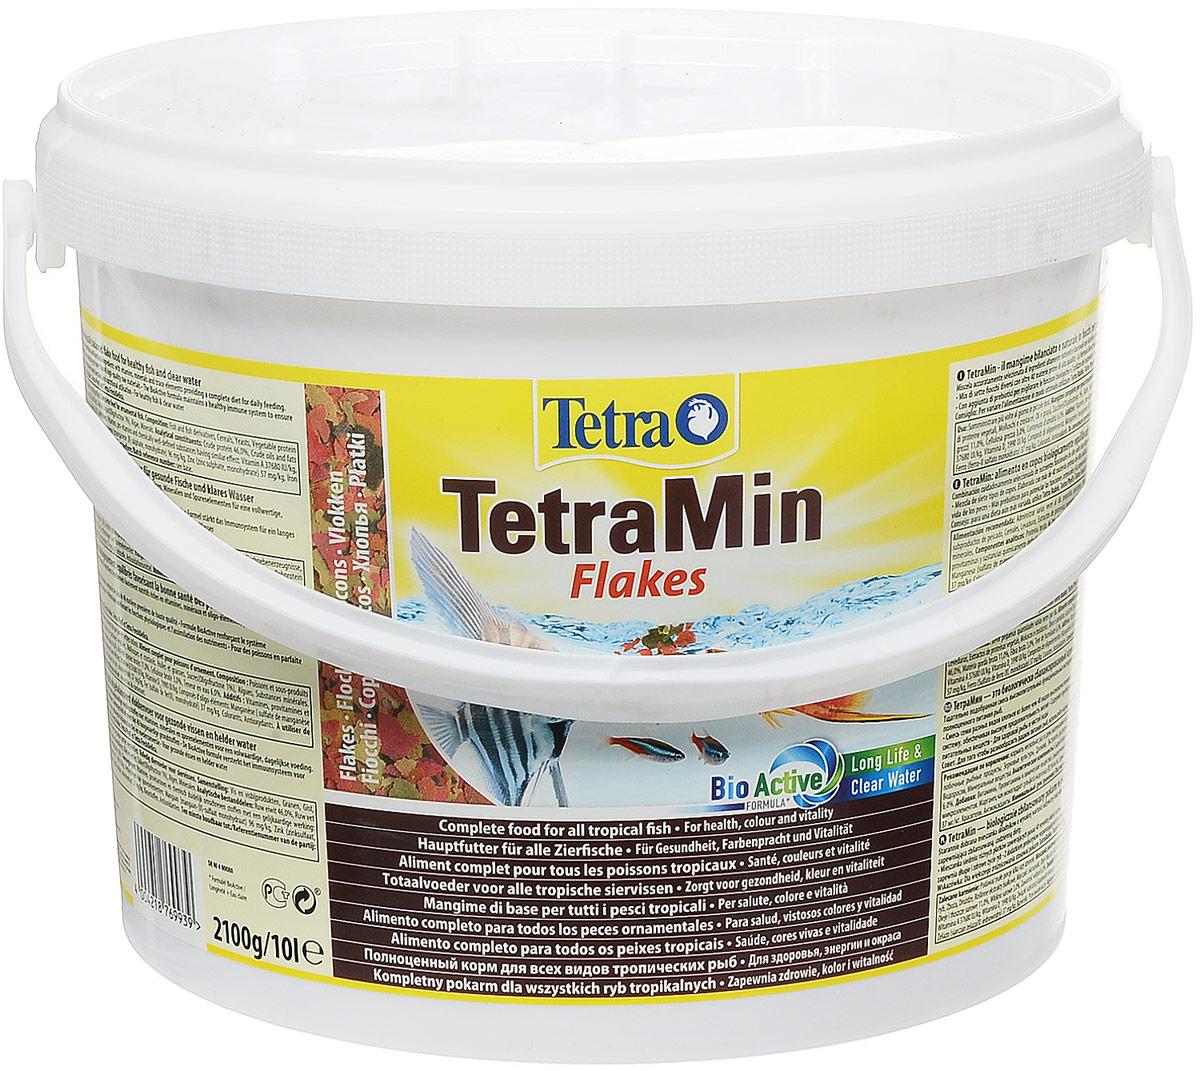 Корм Tetra TetraMin для всех видов тропических рыб, крупные хлопья, 10 л (2,1 кг) корм tetra tetramin xl flakes complete food for larger tropical fish крупные хлопья для больших тропических рыб 10л 769946